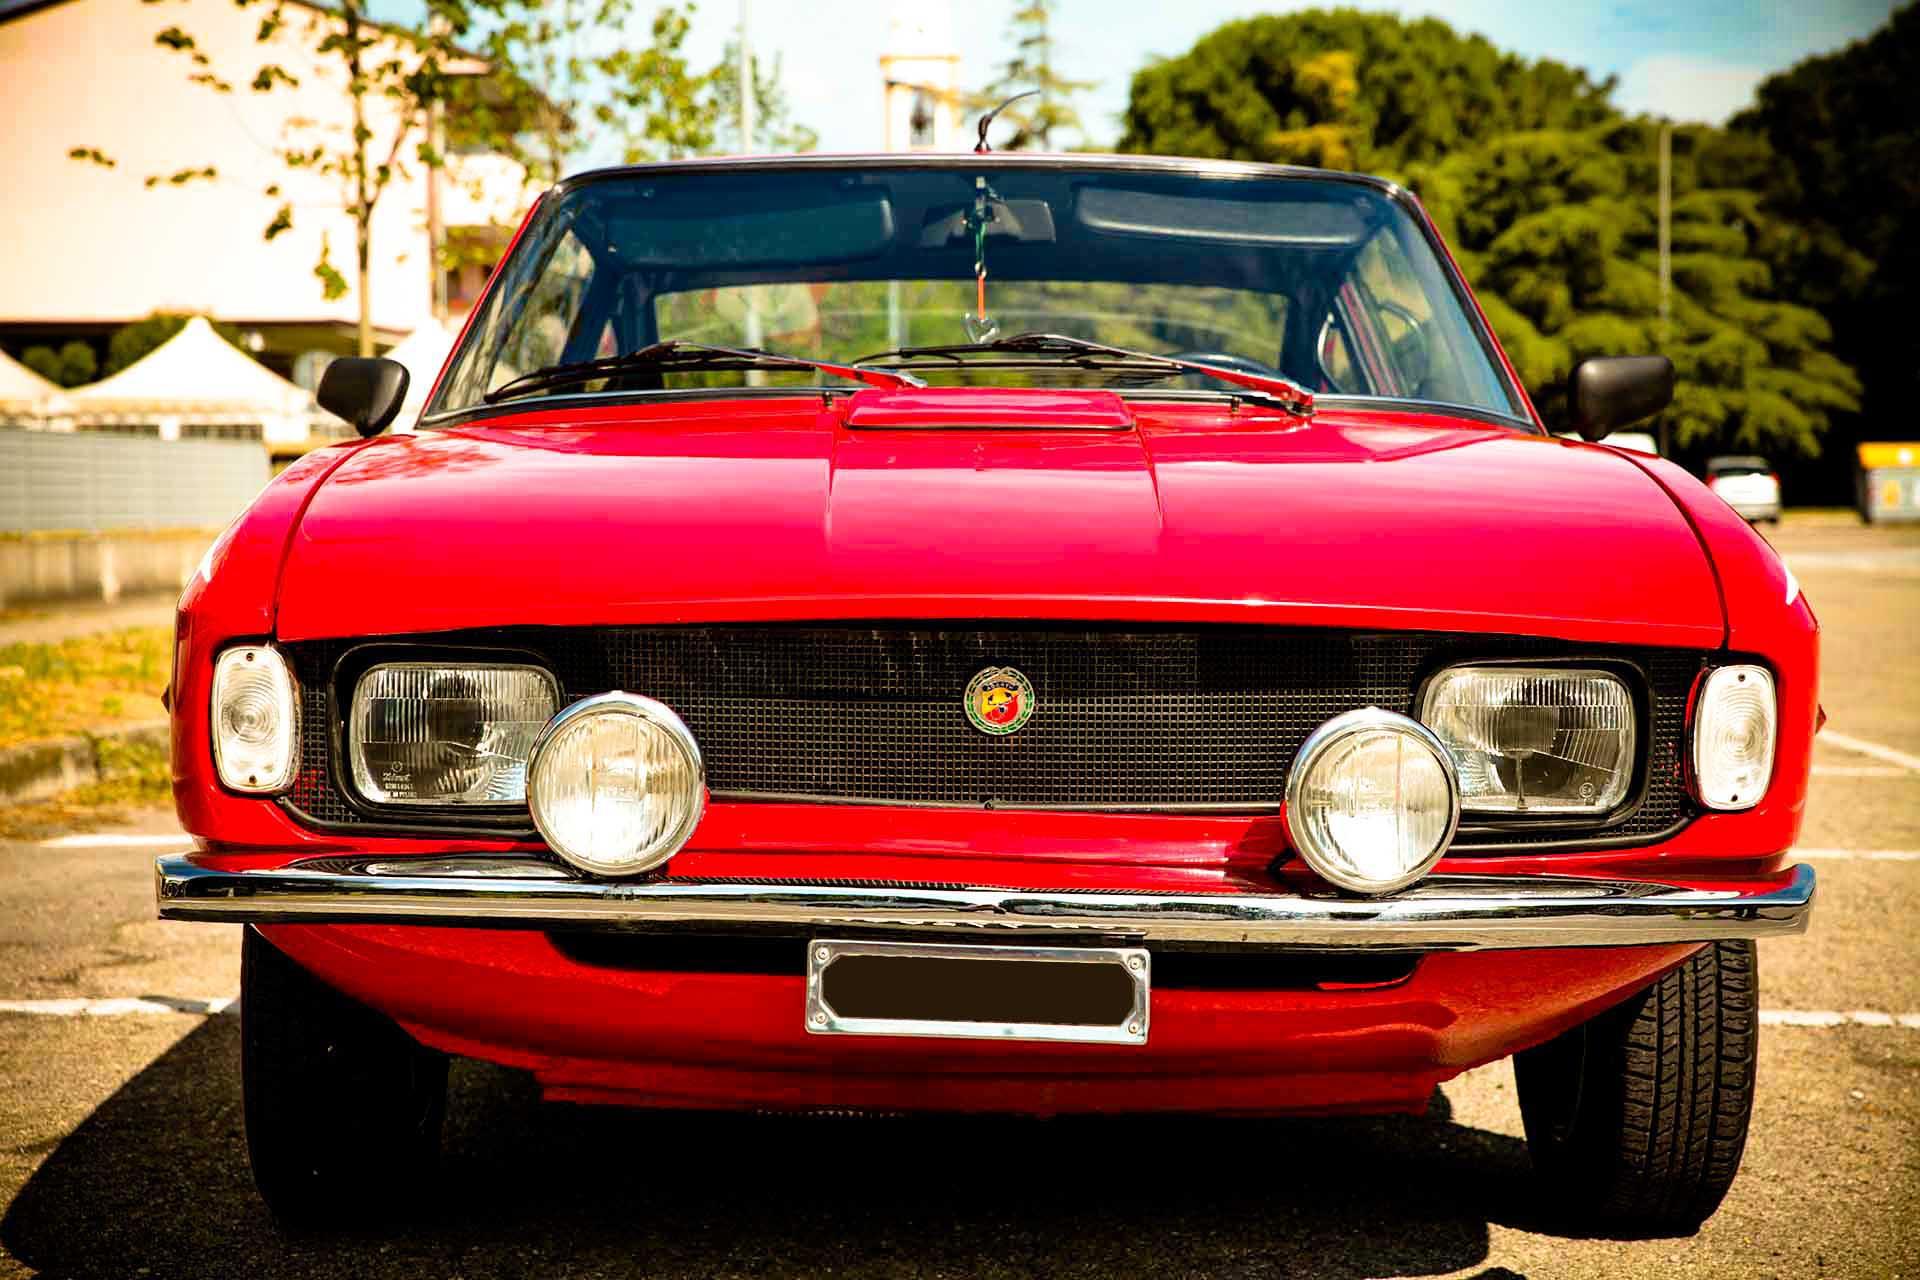 1972, Fiat Abarth Moretti 1000 Coupè